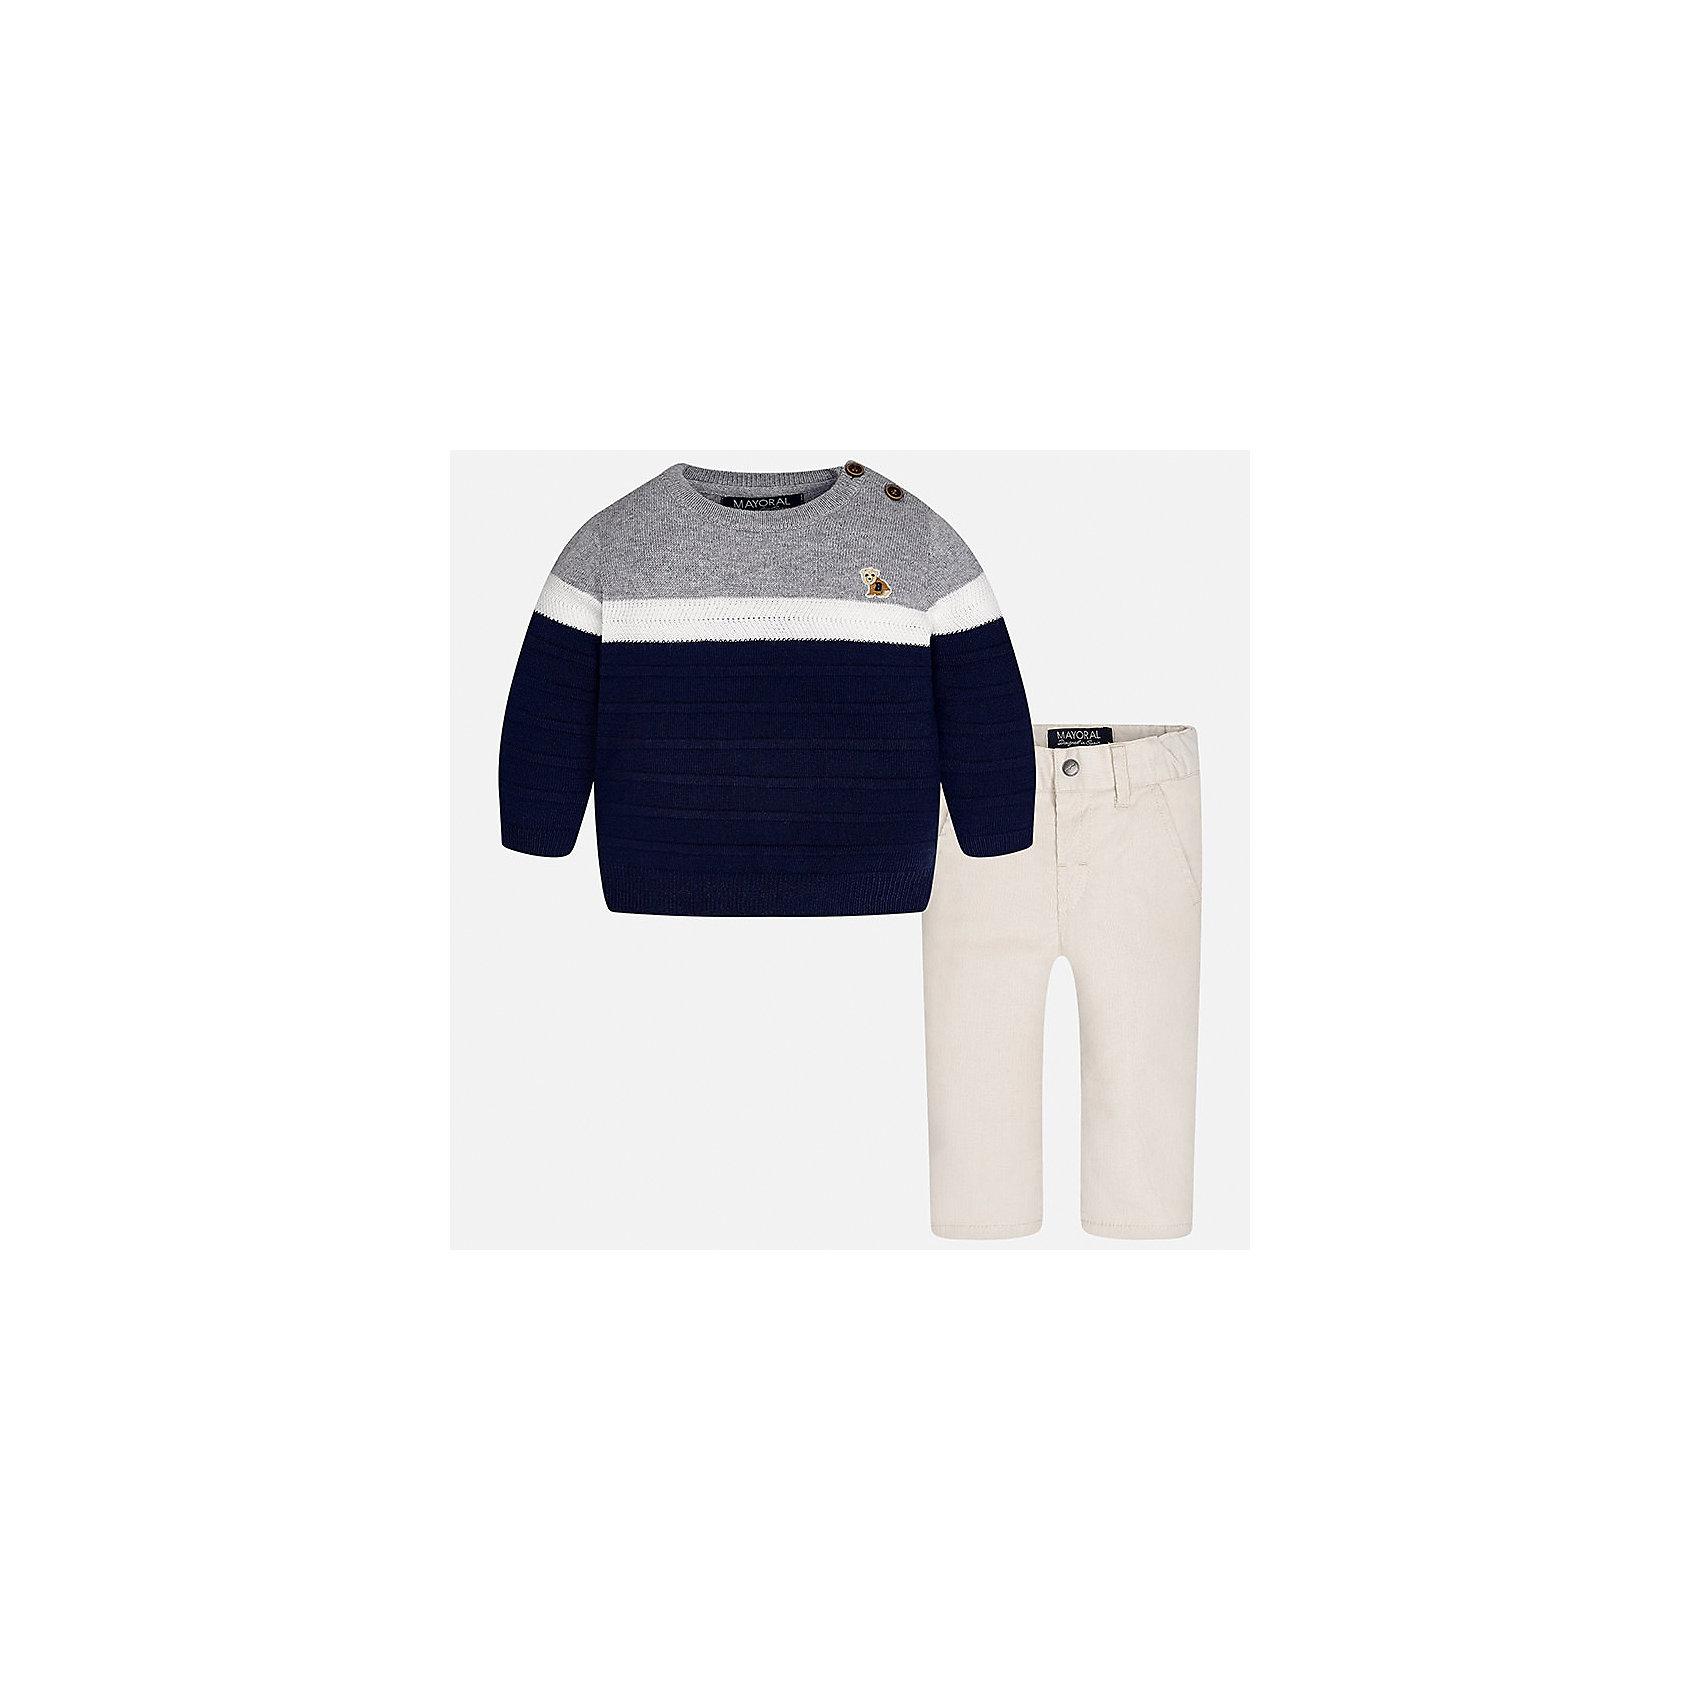 Комплект: свитер и брюки для мальчика MayoralКомплекты<br>Характеристики товара:<br><br>• цвет: синий/серый<br>• состав ткани: свитер - 60% хлопок, 30% полиамид, 10% шерсть, брюки - 100% хлопок,<br>• комплектация: свитер и брюки<br>• сезон: демисезон<br>• особенности модели: пуговицы на плече<br>• регулируемая талия<br>• застежка брюк: пуговица<br>• страна бренда: Испания<br>• страна изготовитель: Индия<br><br>Брюки и свитер для мальчика отлично сочетаются между собой, а также с другими вещами. Такой практичный и модный детский комплект из свитера и брюк подойдет для ношения в разных случаях. Детские брюки сшиты из приятного на ощупь материала. Свитер для мальчика Mayoral удобно сидит по фигуре. <br><br>Комплект: свитер и брюки для мальчика Mayoral (Майорал) можно купить в нашем интернет-магазине.<br><br>Ширина мм: 215<br>Глубина мм: 88<br>Высота мм: 191<br>Вес г: 336<br>Цвет: сине-серый<br>Возраст от месяцев: 24<br>Возраст до месяцев: 36<br>Пол: Мужской<br>Возраст: Детский<br>Размер: 98,74,80,86,92<br>SKU: 6935397